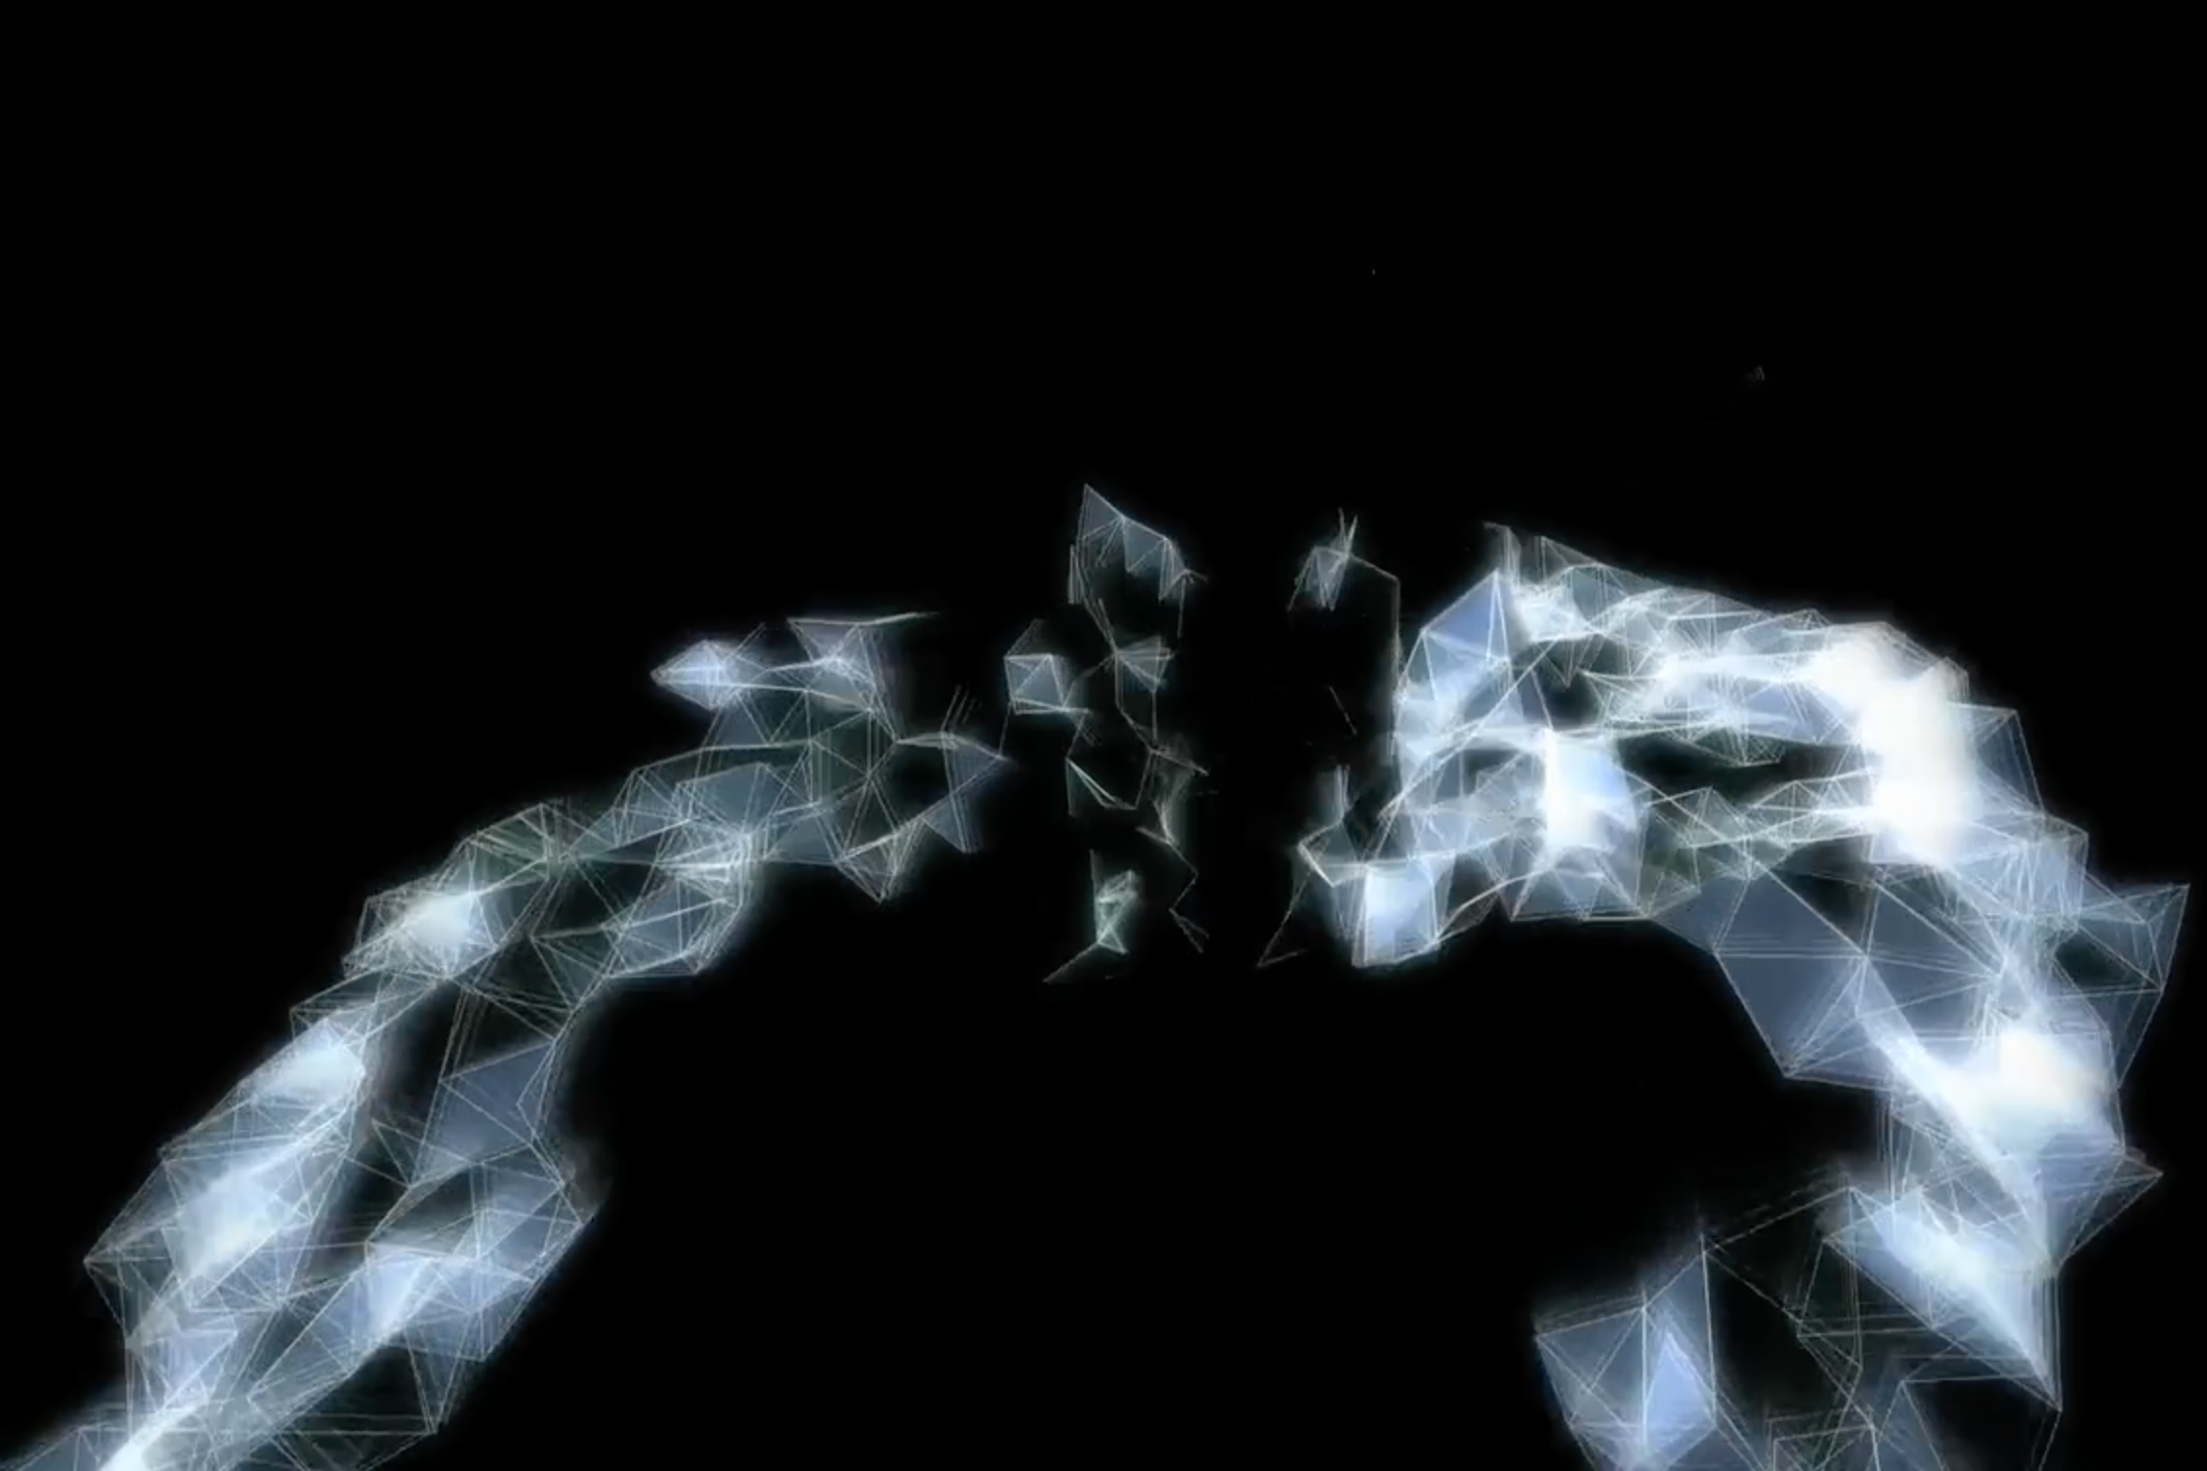 Carl Emil Carlsen & Søren Lyngsø, Synaesthetic Experiment -